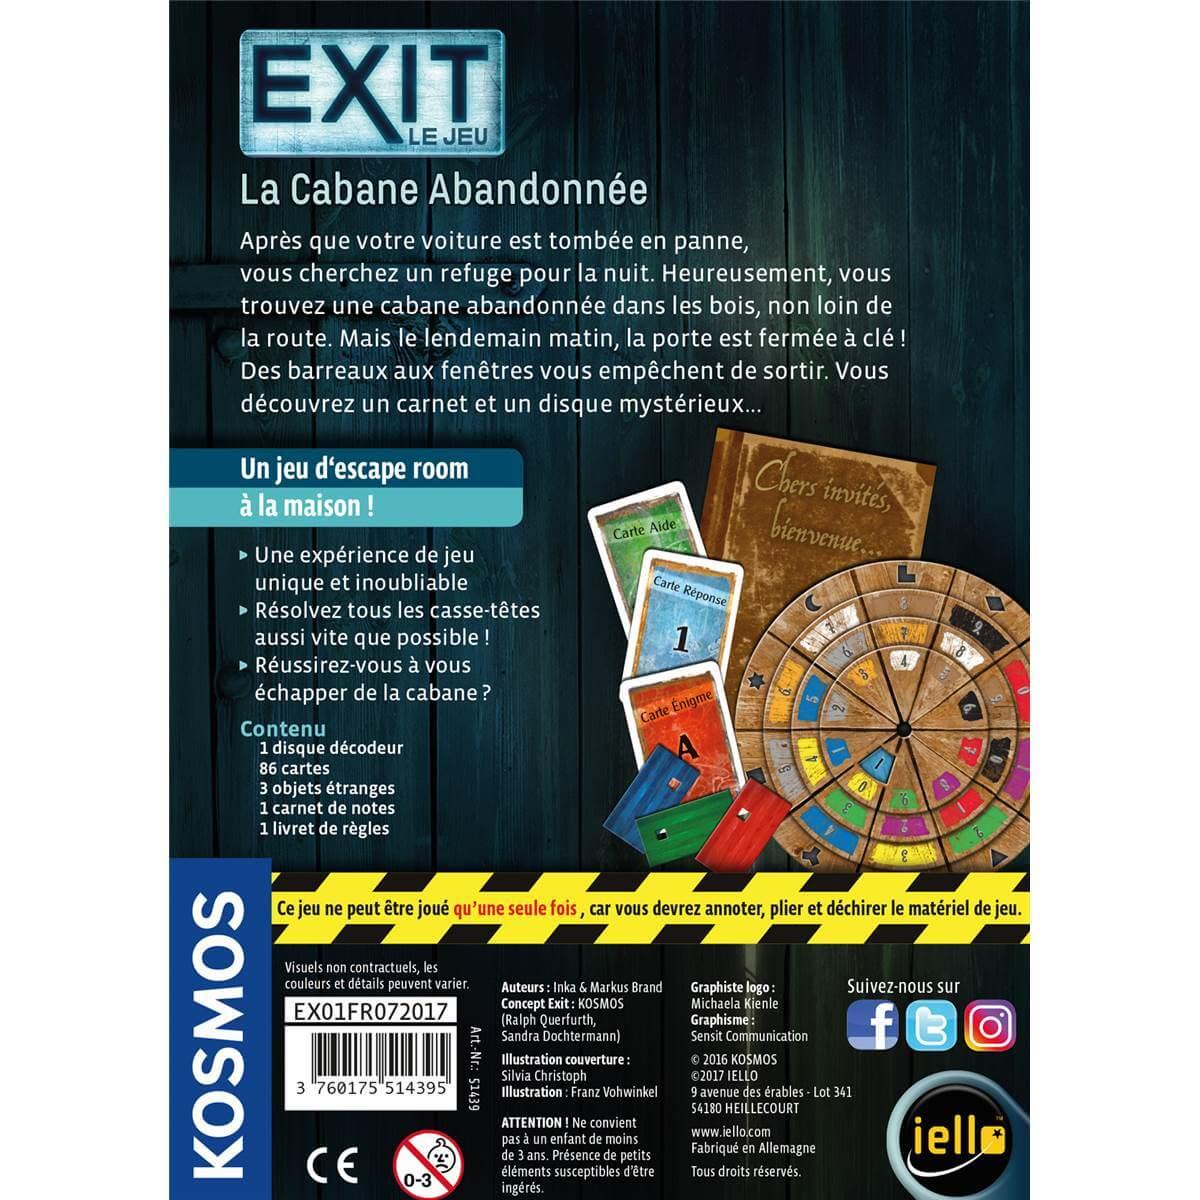 EXIT-La-Cabane-Abandonnee dos